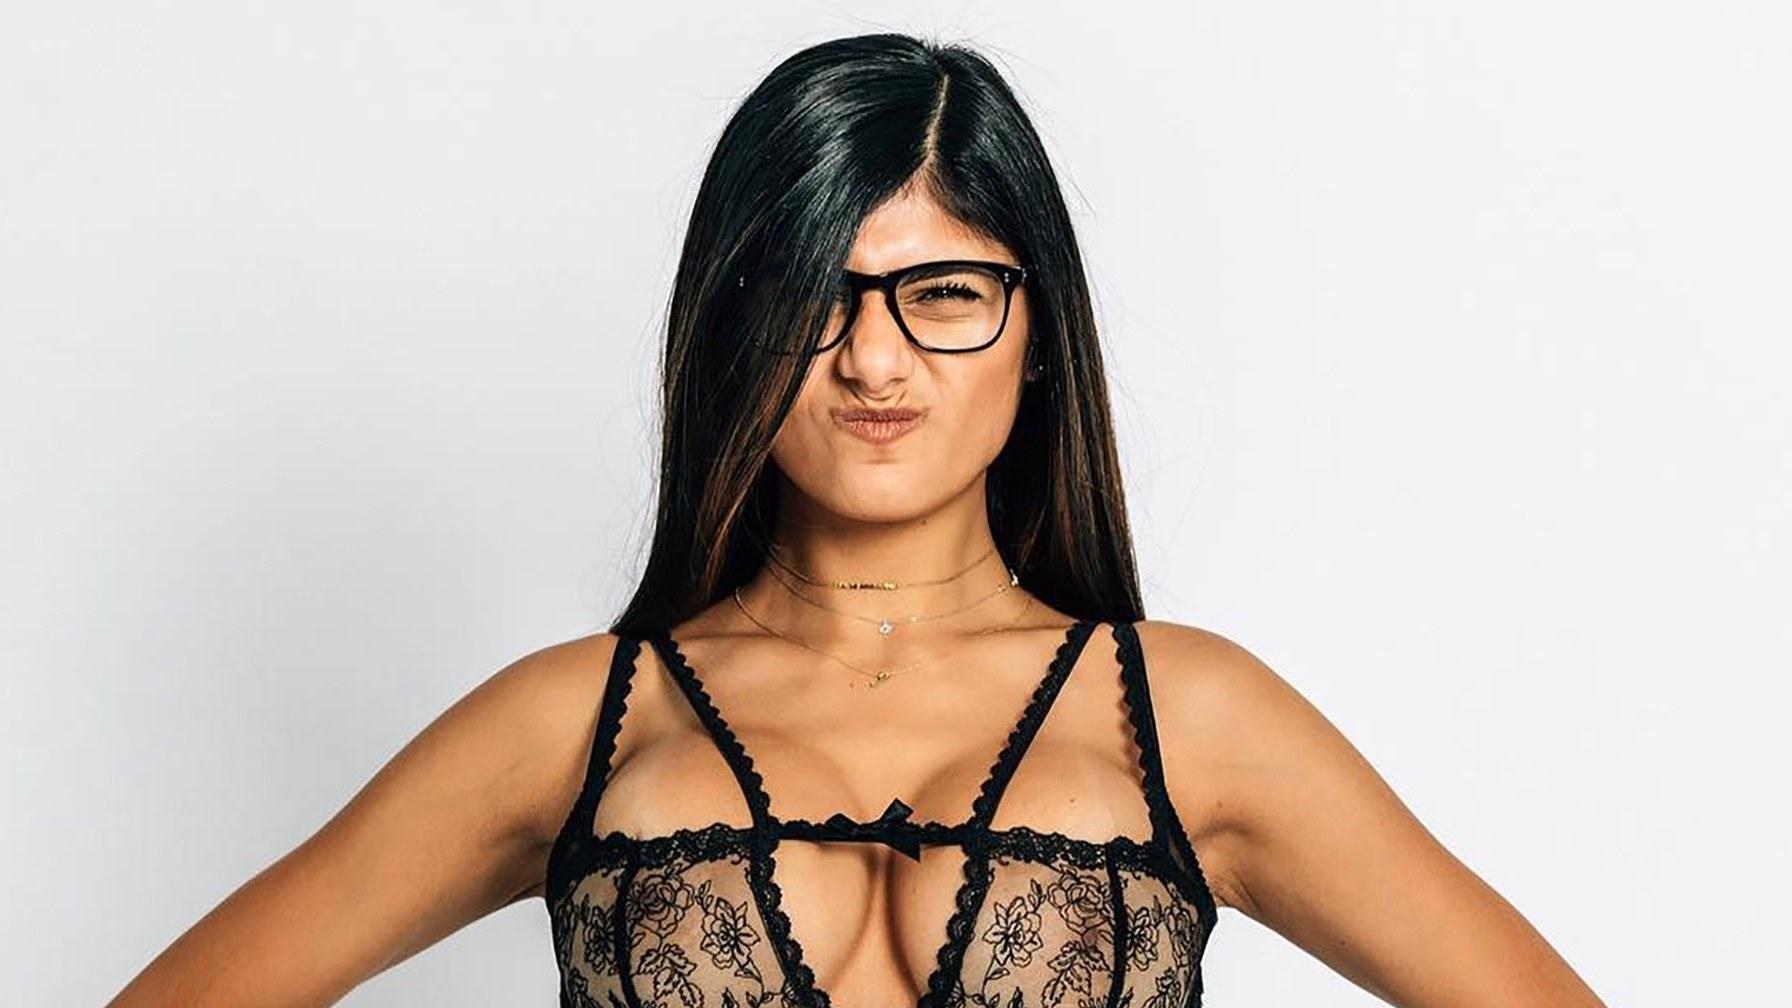 Mia Khalifa considera que su pasado en el porno fue un error | El Diario  Ecuador